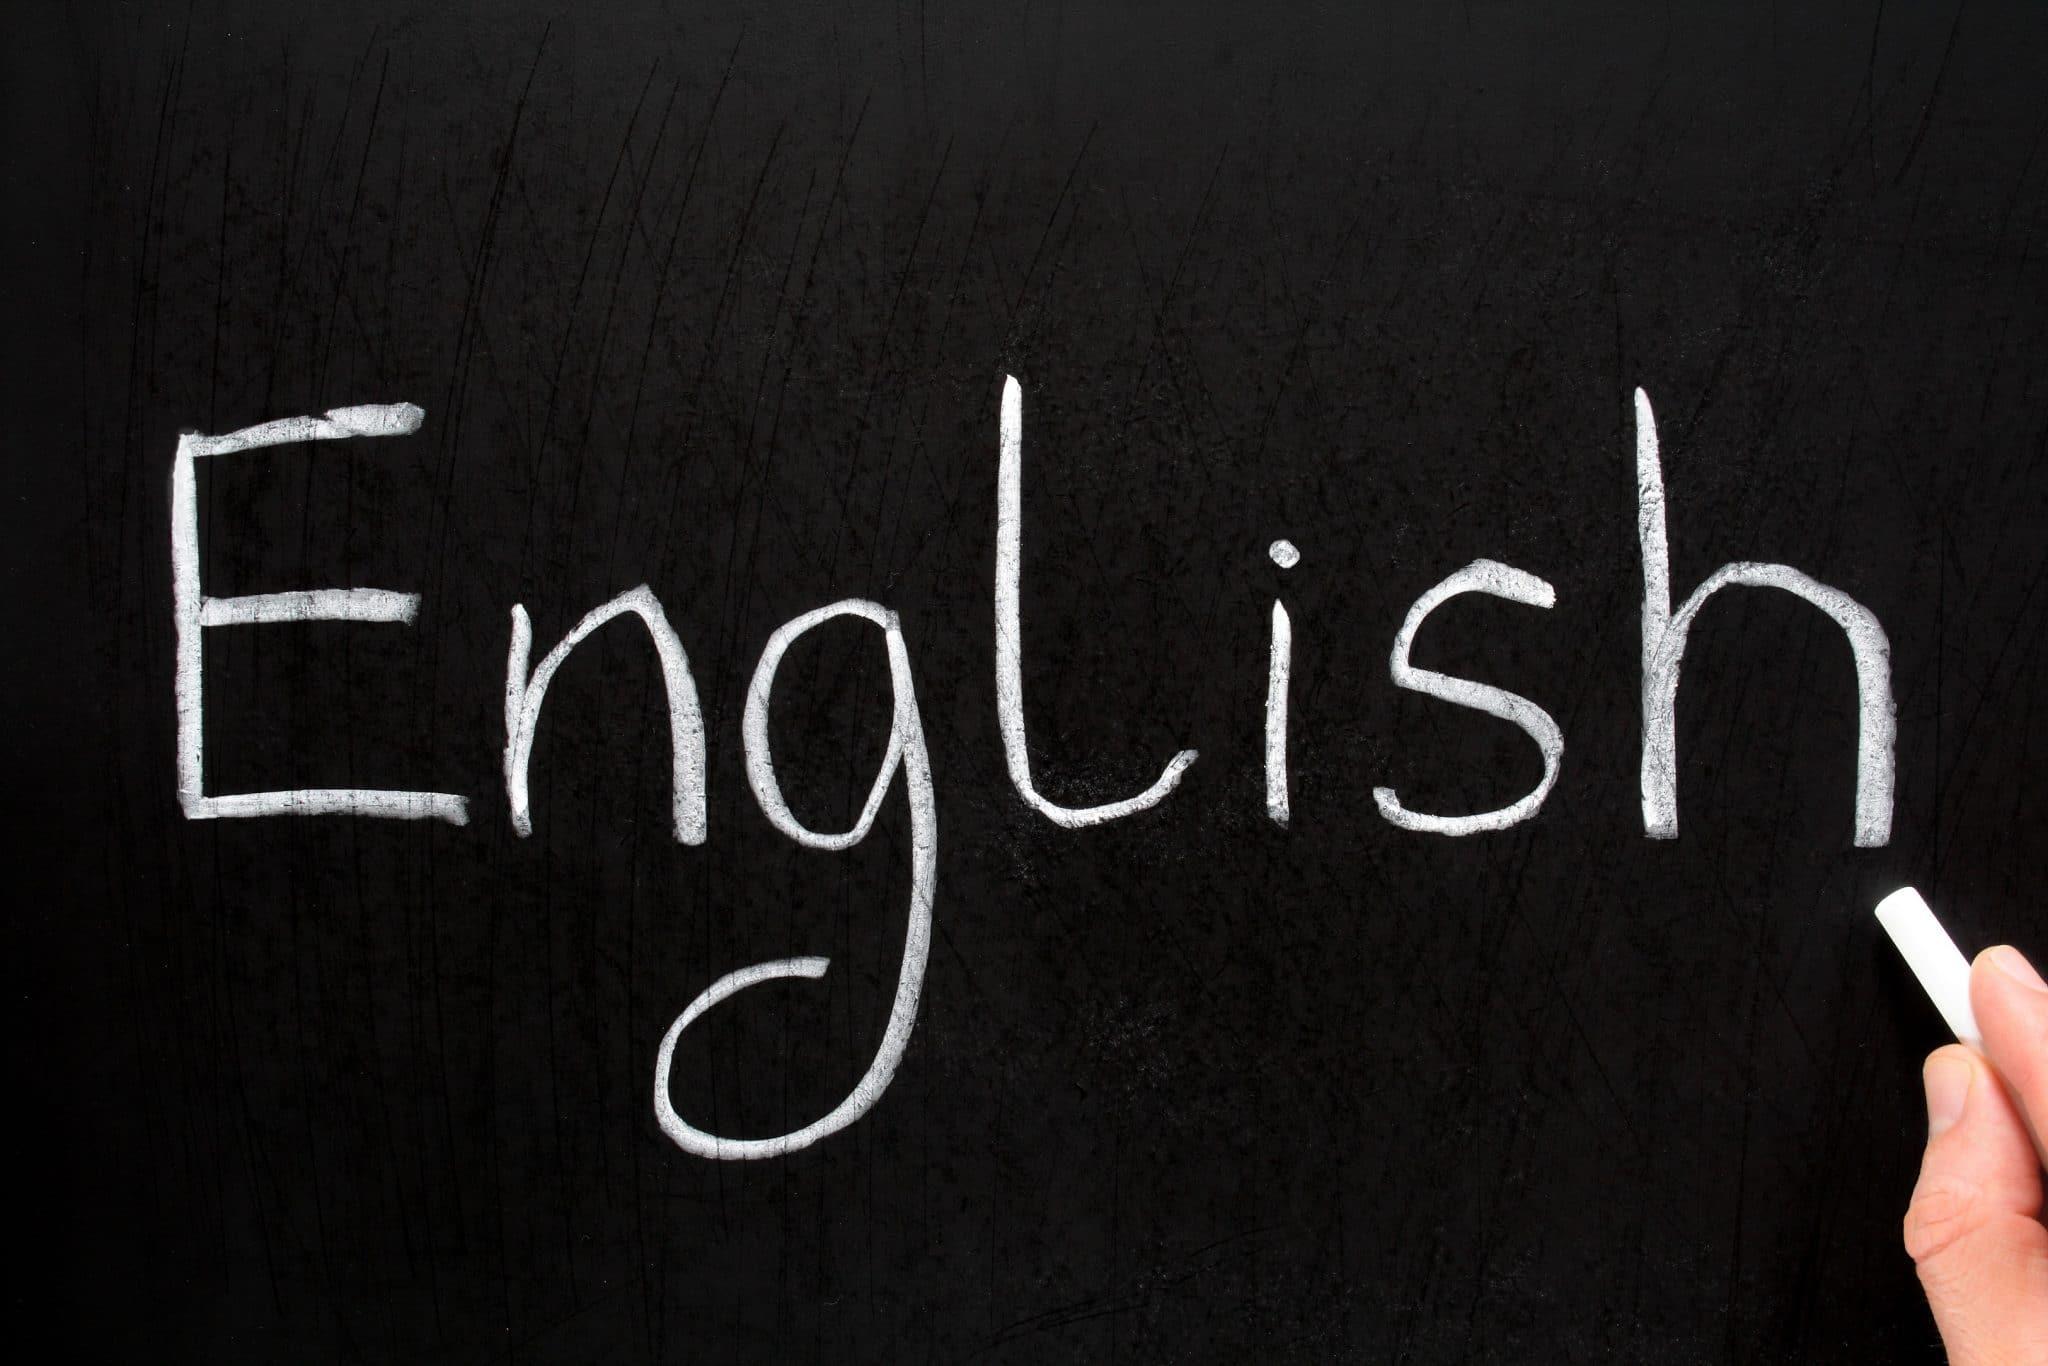 Care aveți bloguri în engleză? Dați-mi să le citesc!